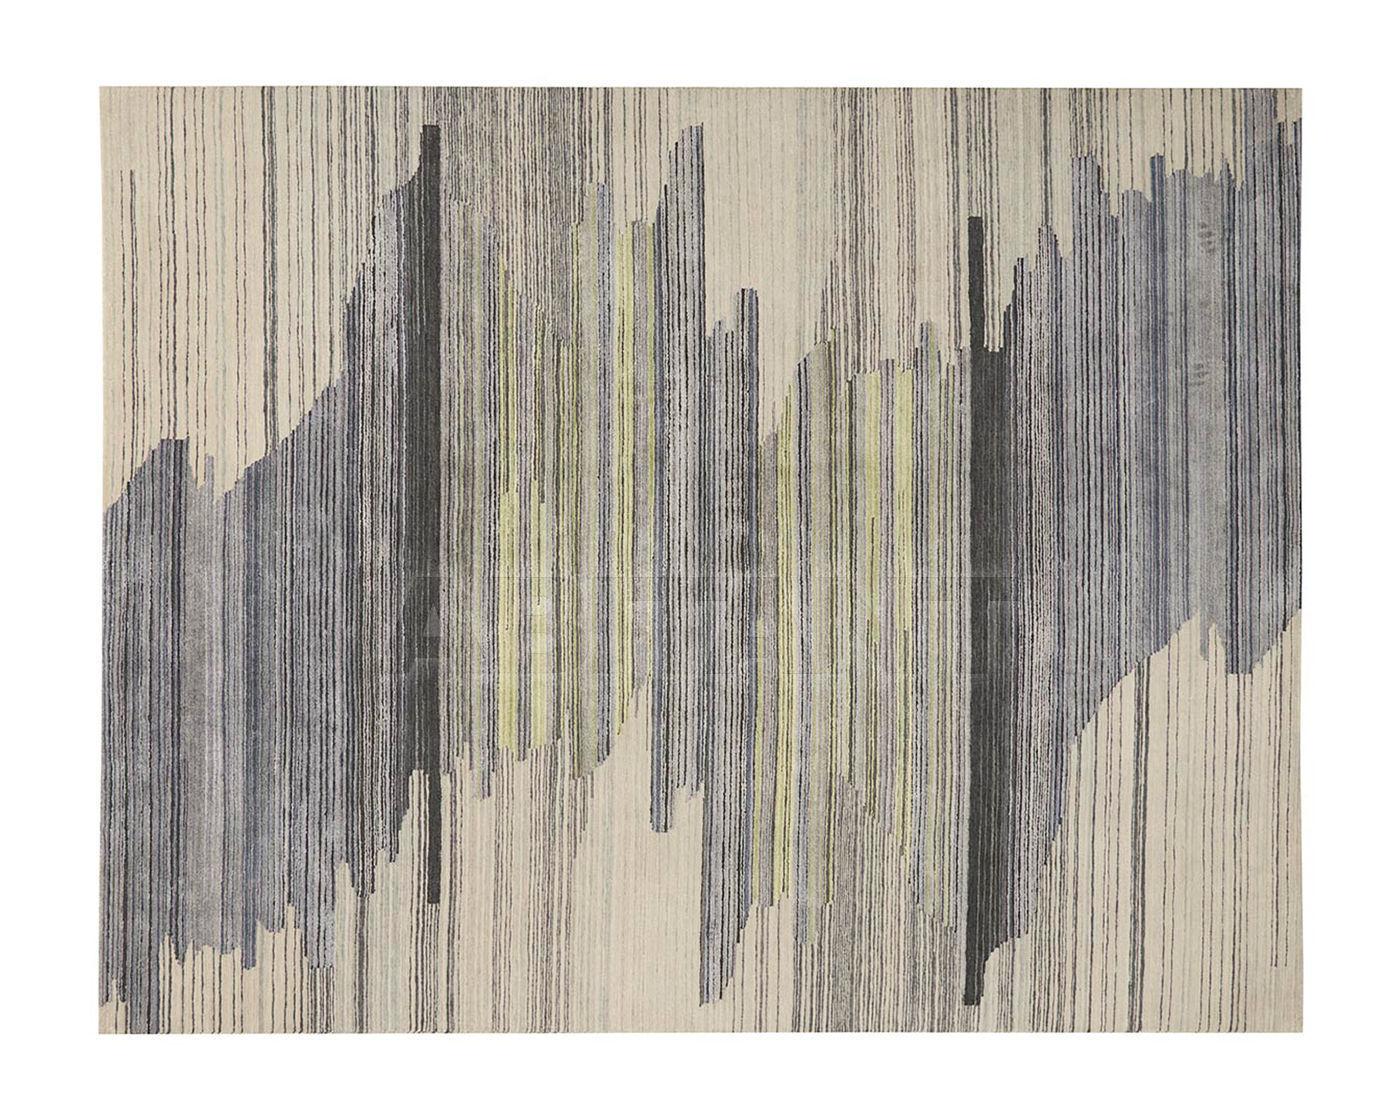 Купить Ковер современный The Knolls Christopher Guy 2019 47-0051-A-RUBIO/CHIC GREY/PISTACHIO